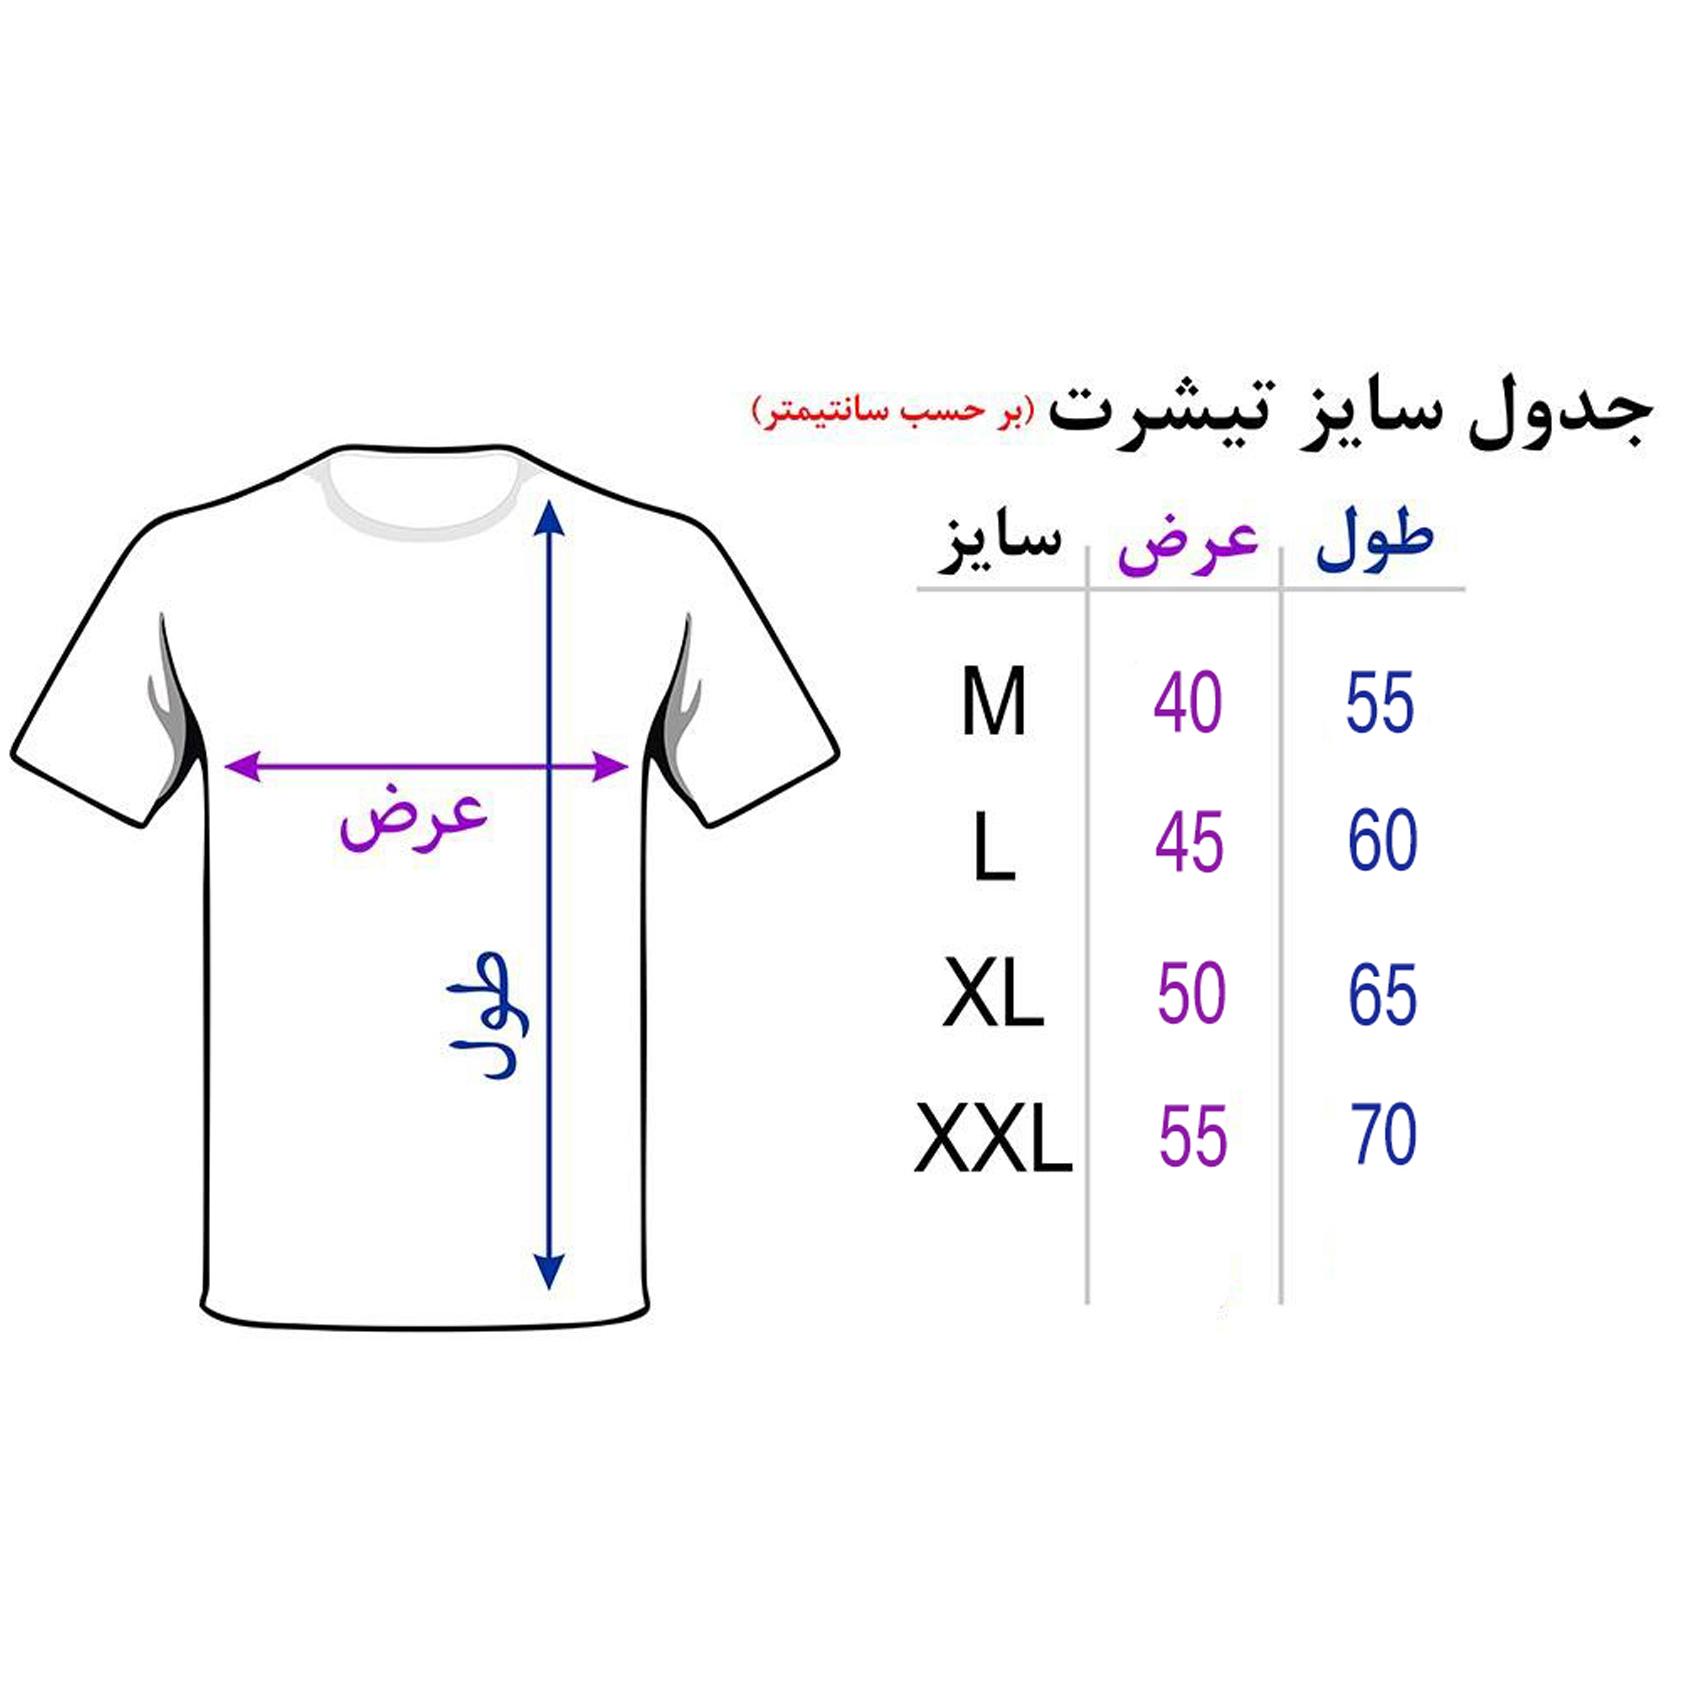 تی شرت آستین کوتاه مردانه 27 طرح دست کد TR06 رنگ مشکی thumb 4